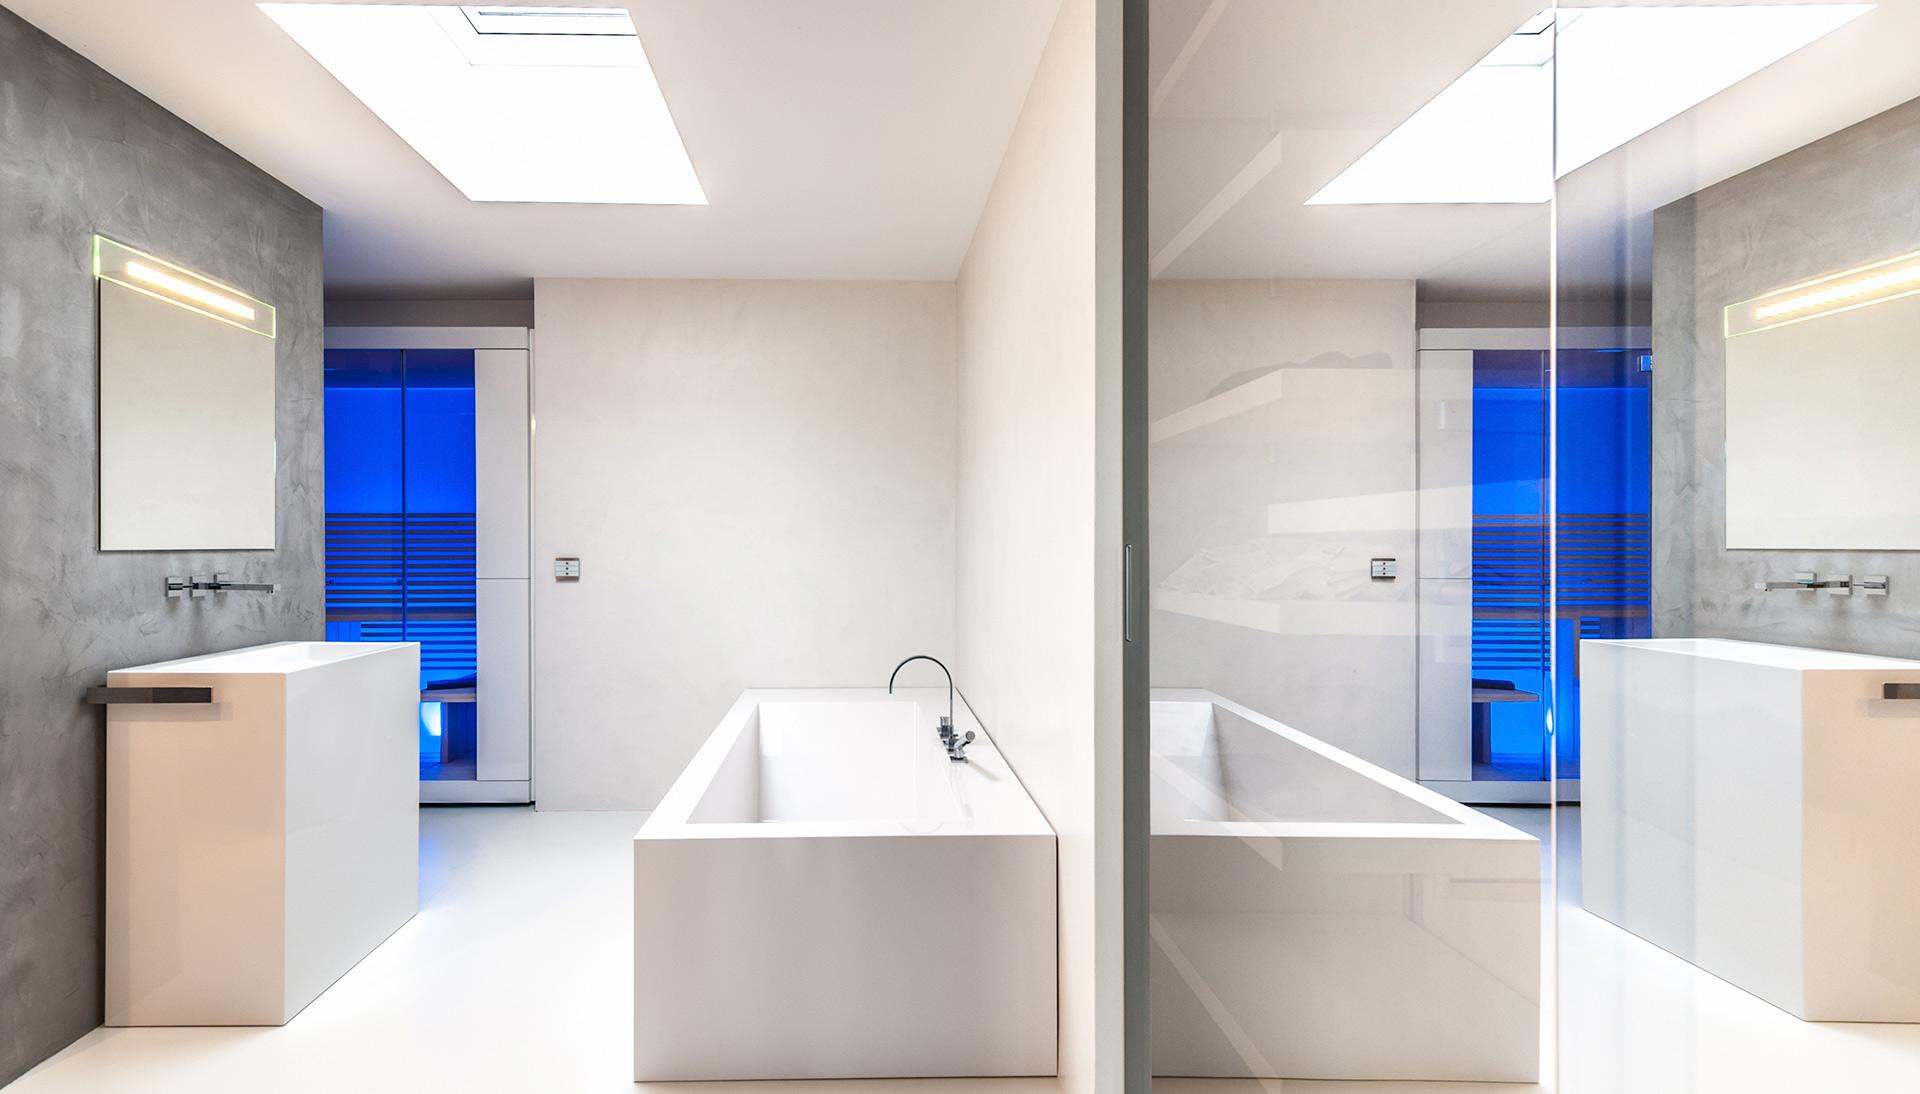 Architektur und Interieur - photodesign-schuster.de